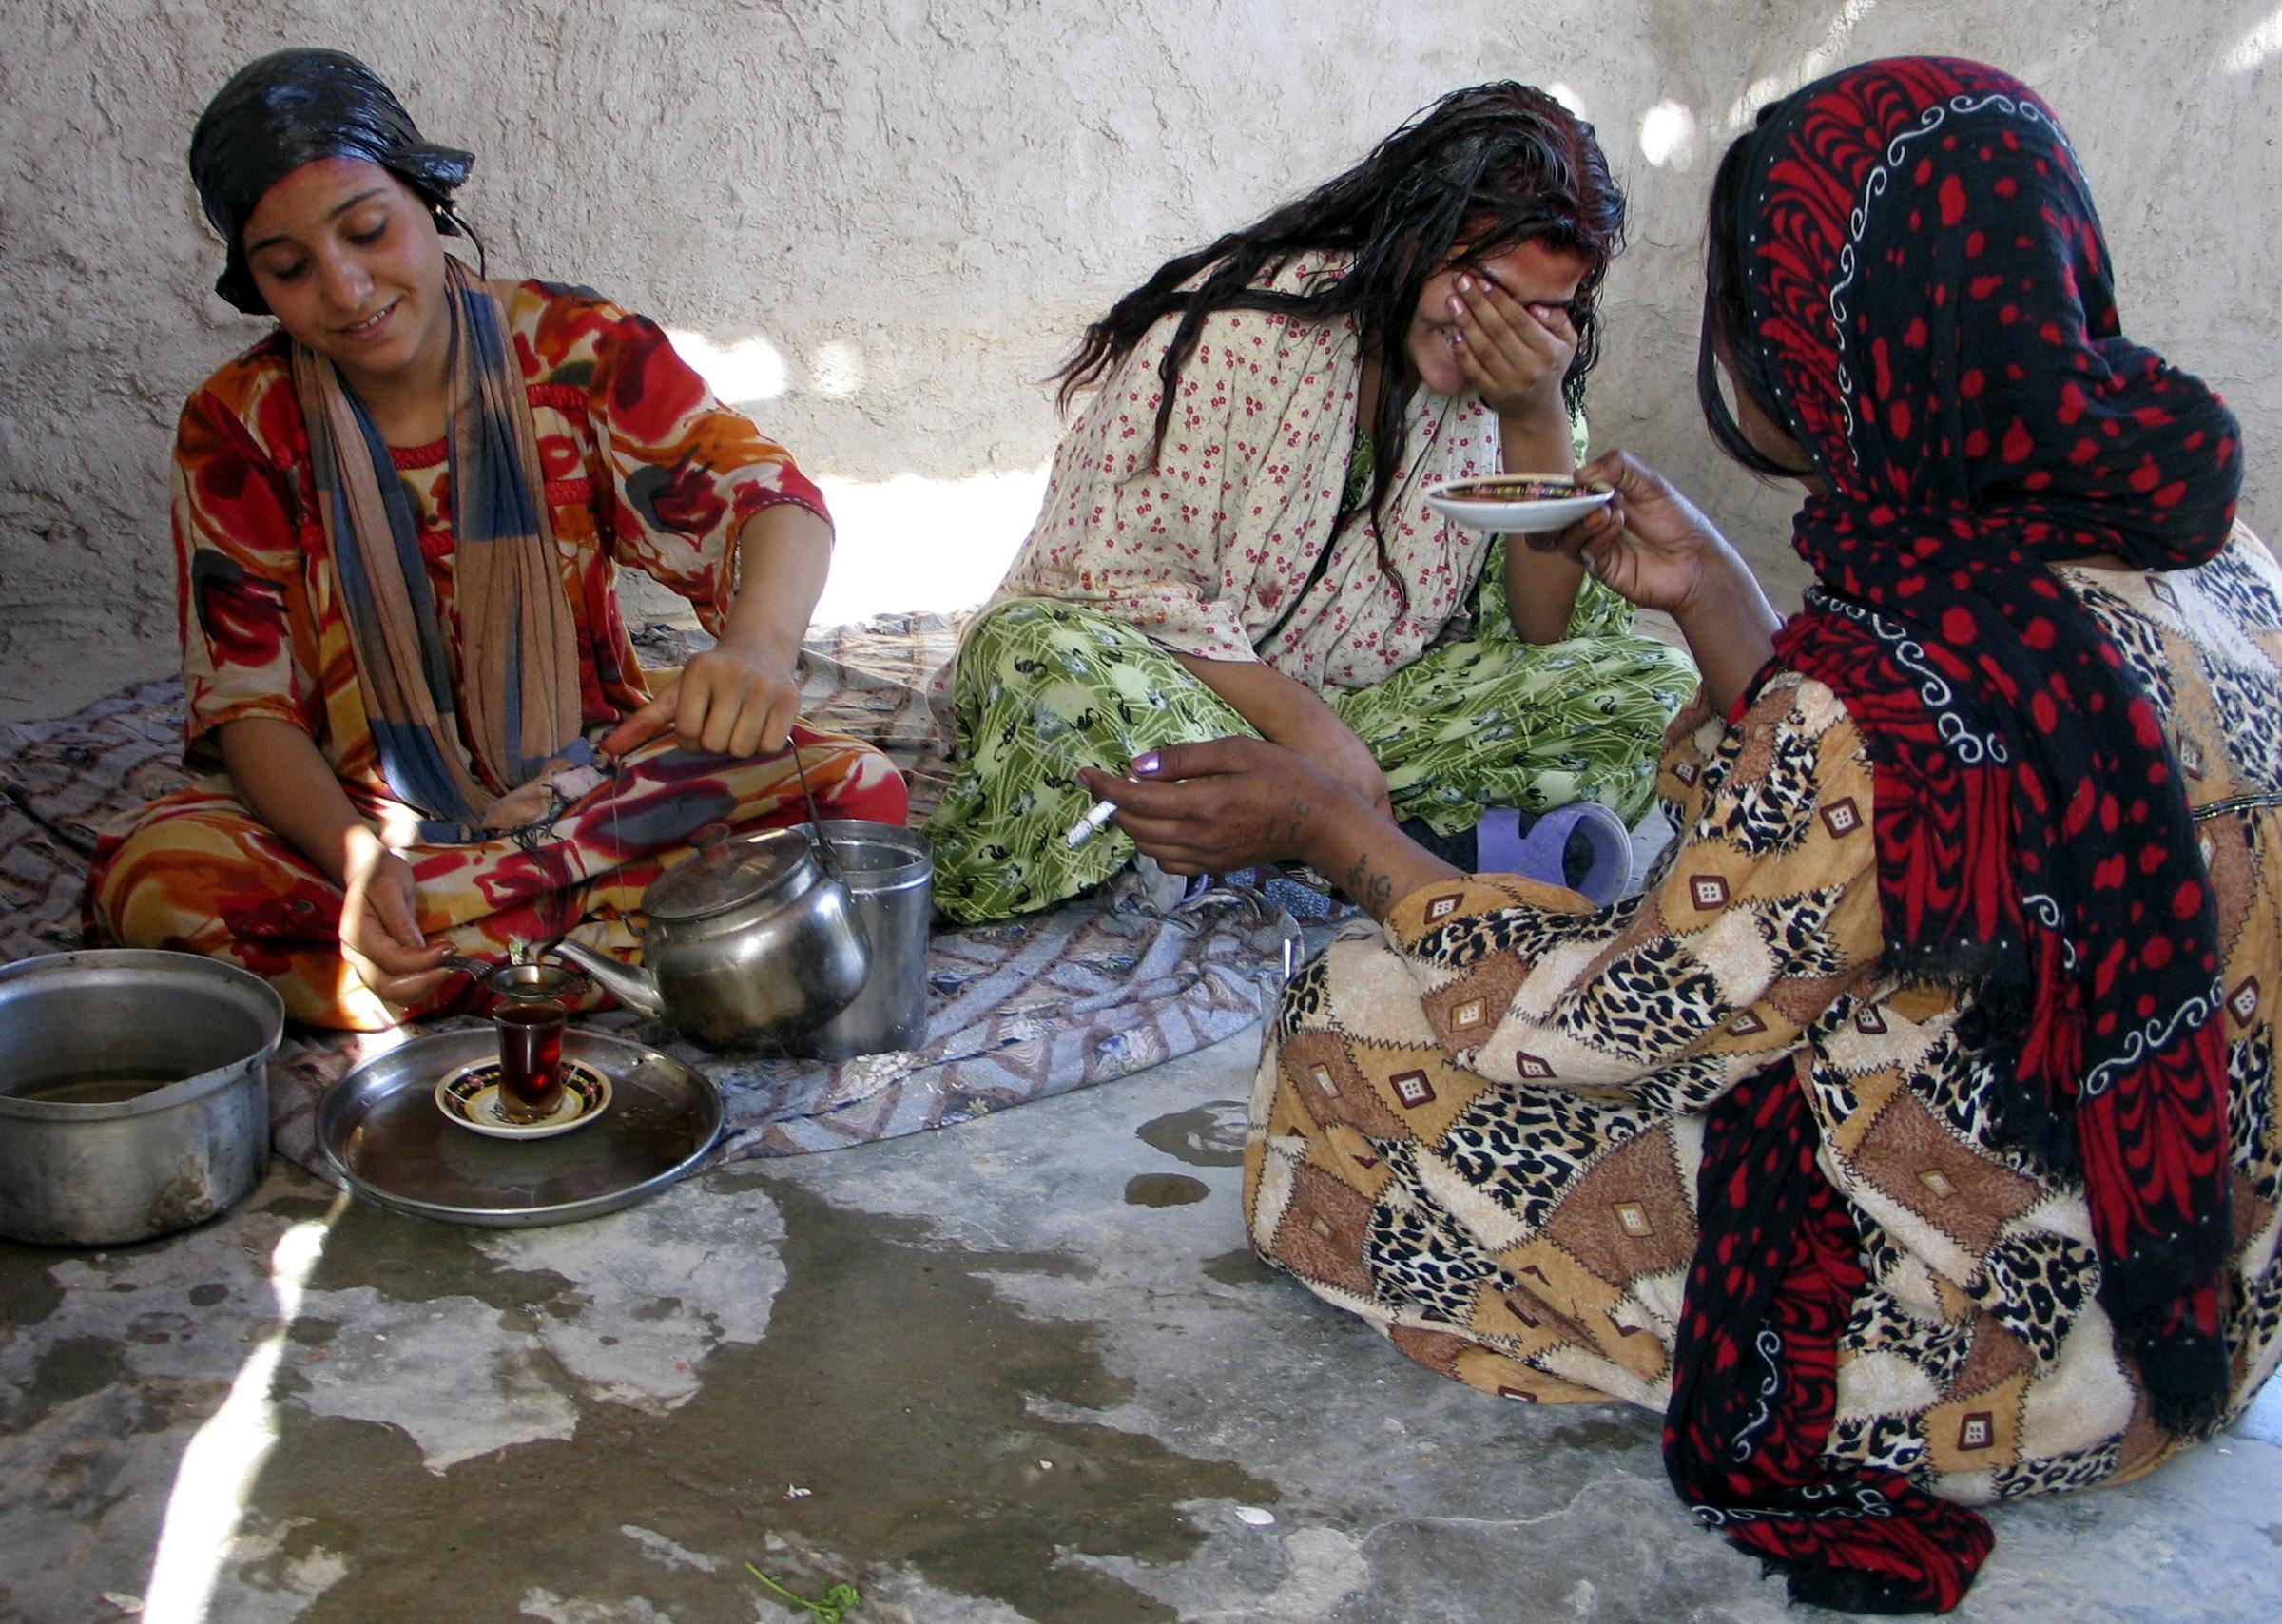 غجر العراق مجتمعات أمومية عادة